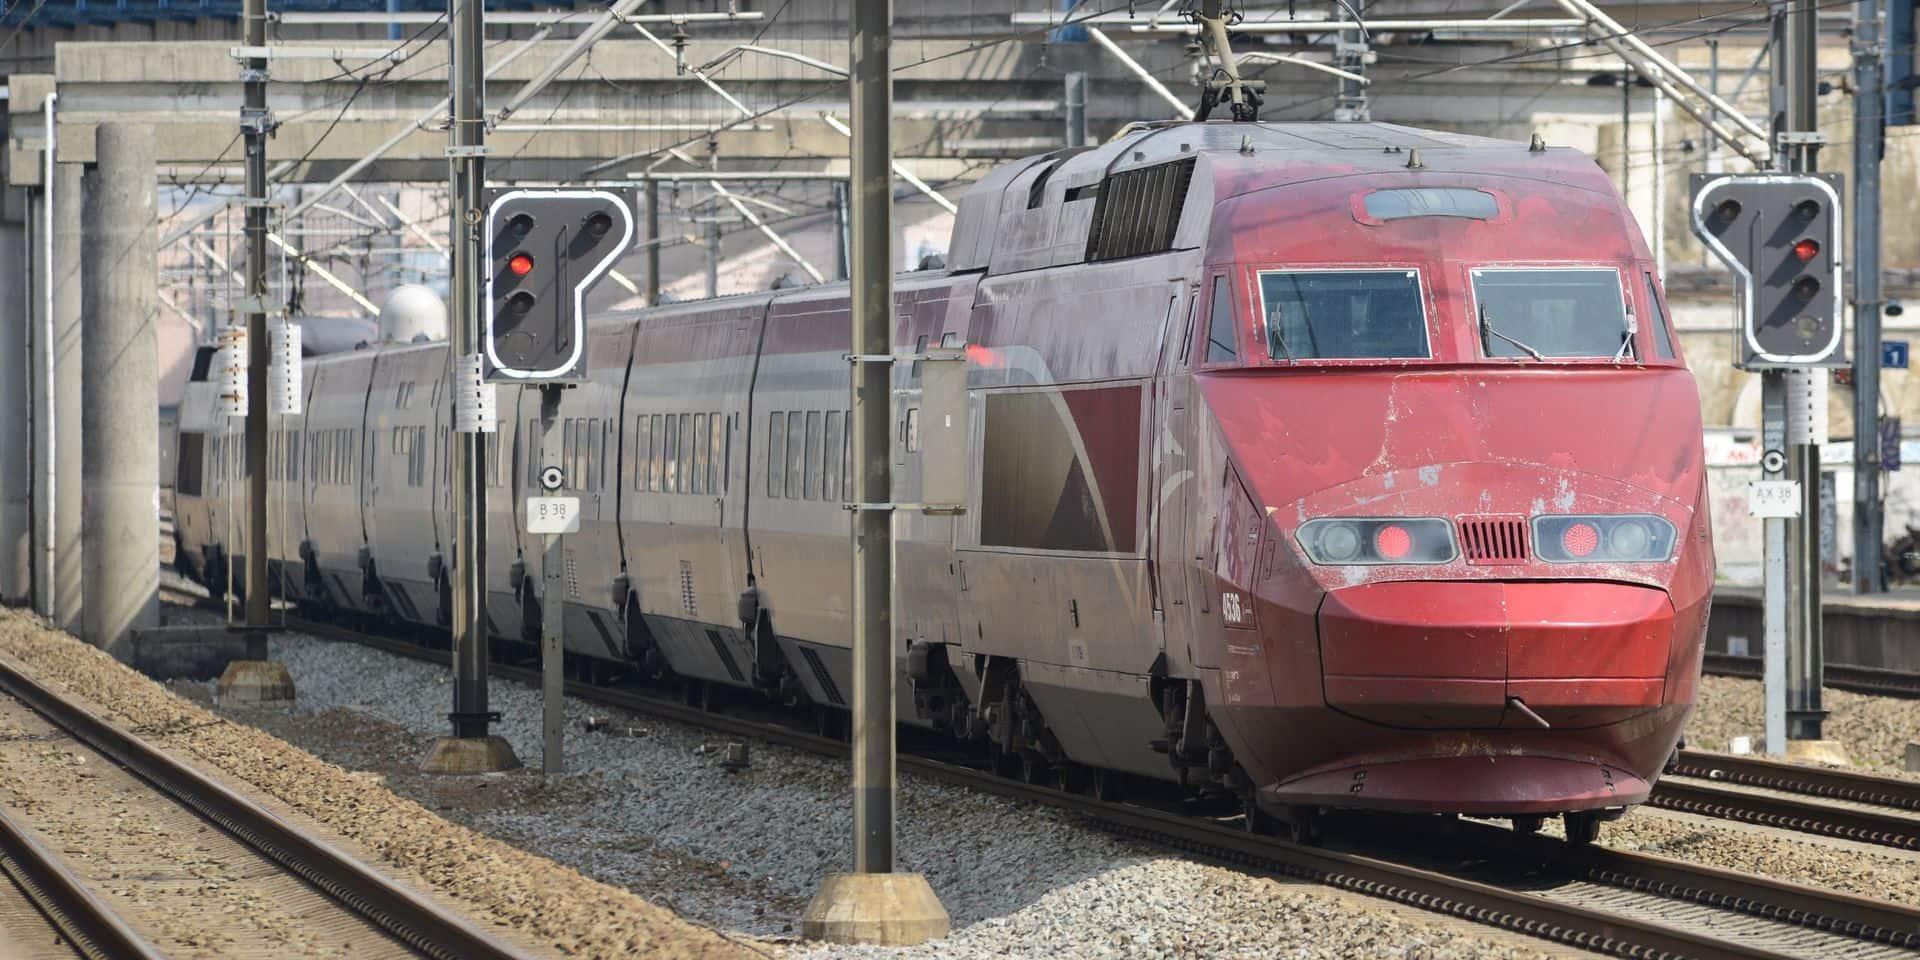 Situation rétablie sur l'axe ferroviaire Bruxelles-Nord et Bruxelles-Midi mais des retards et suppressions restent possibles